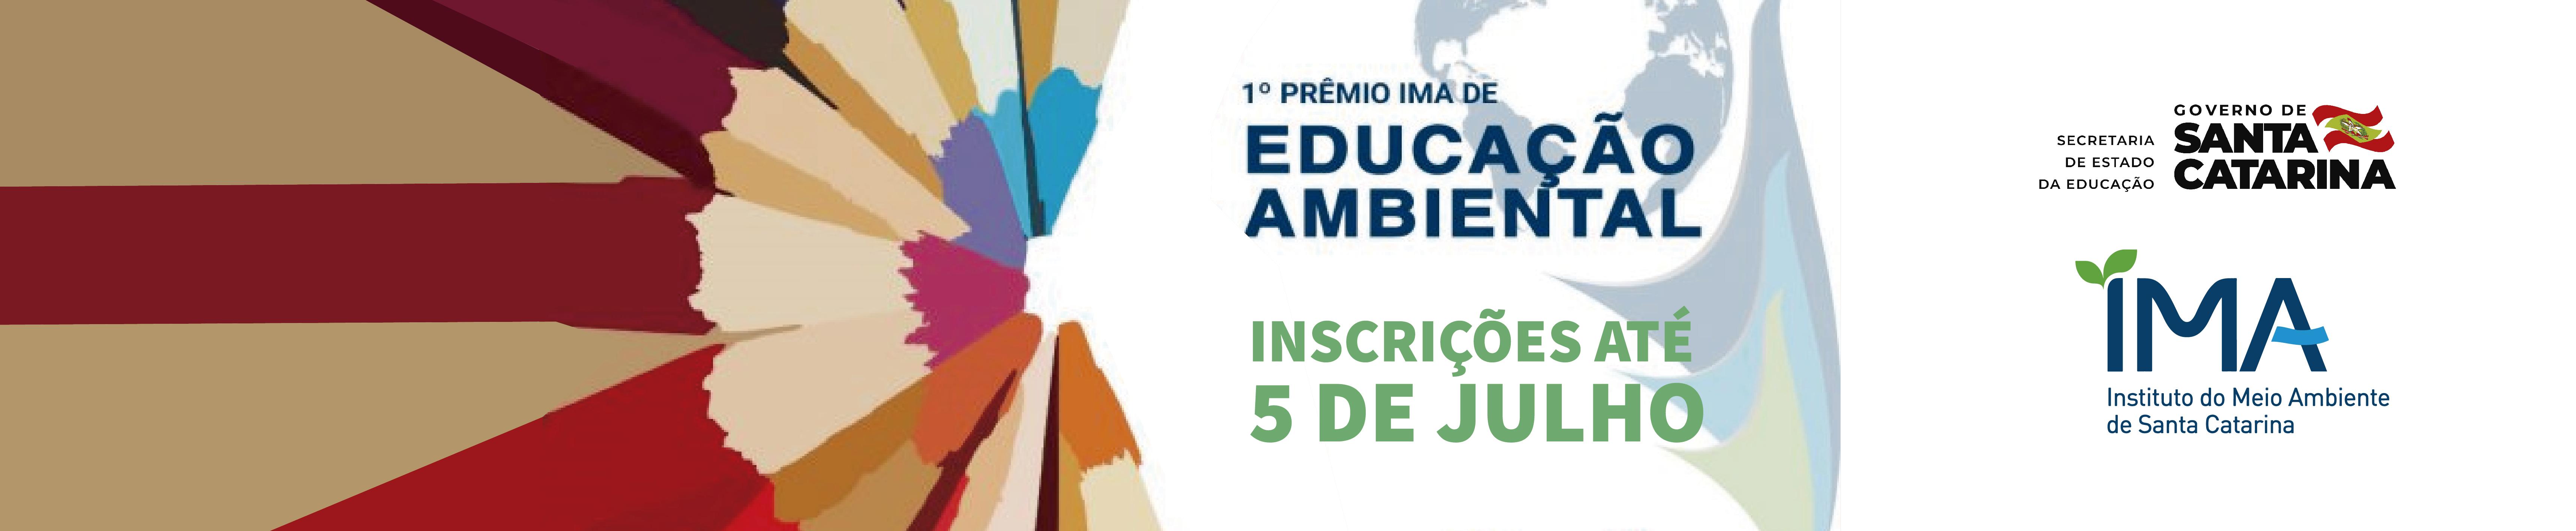 Banners_1650x340_Premio_IMA